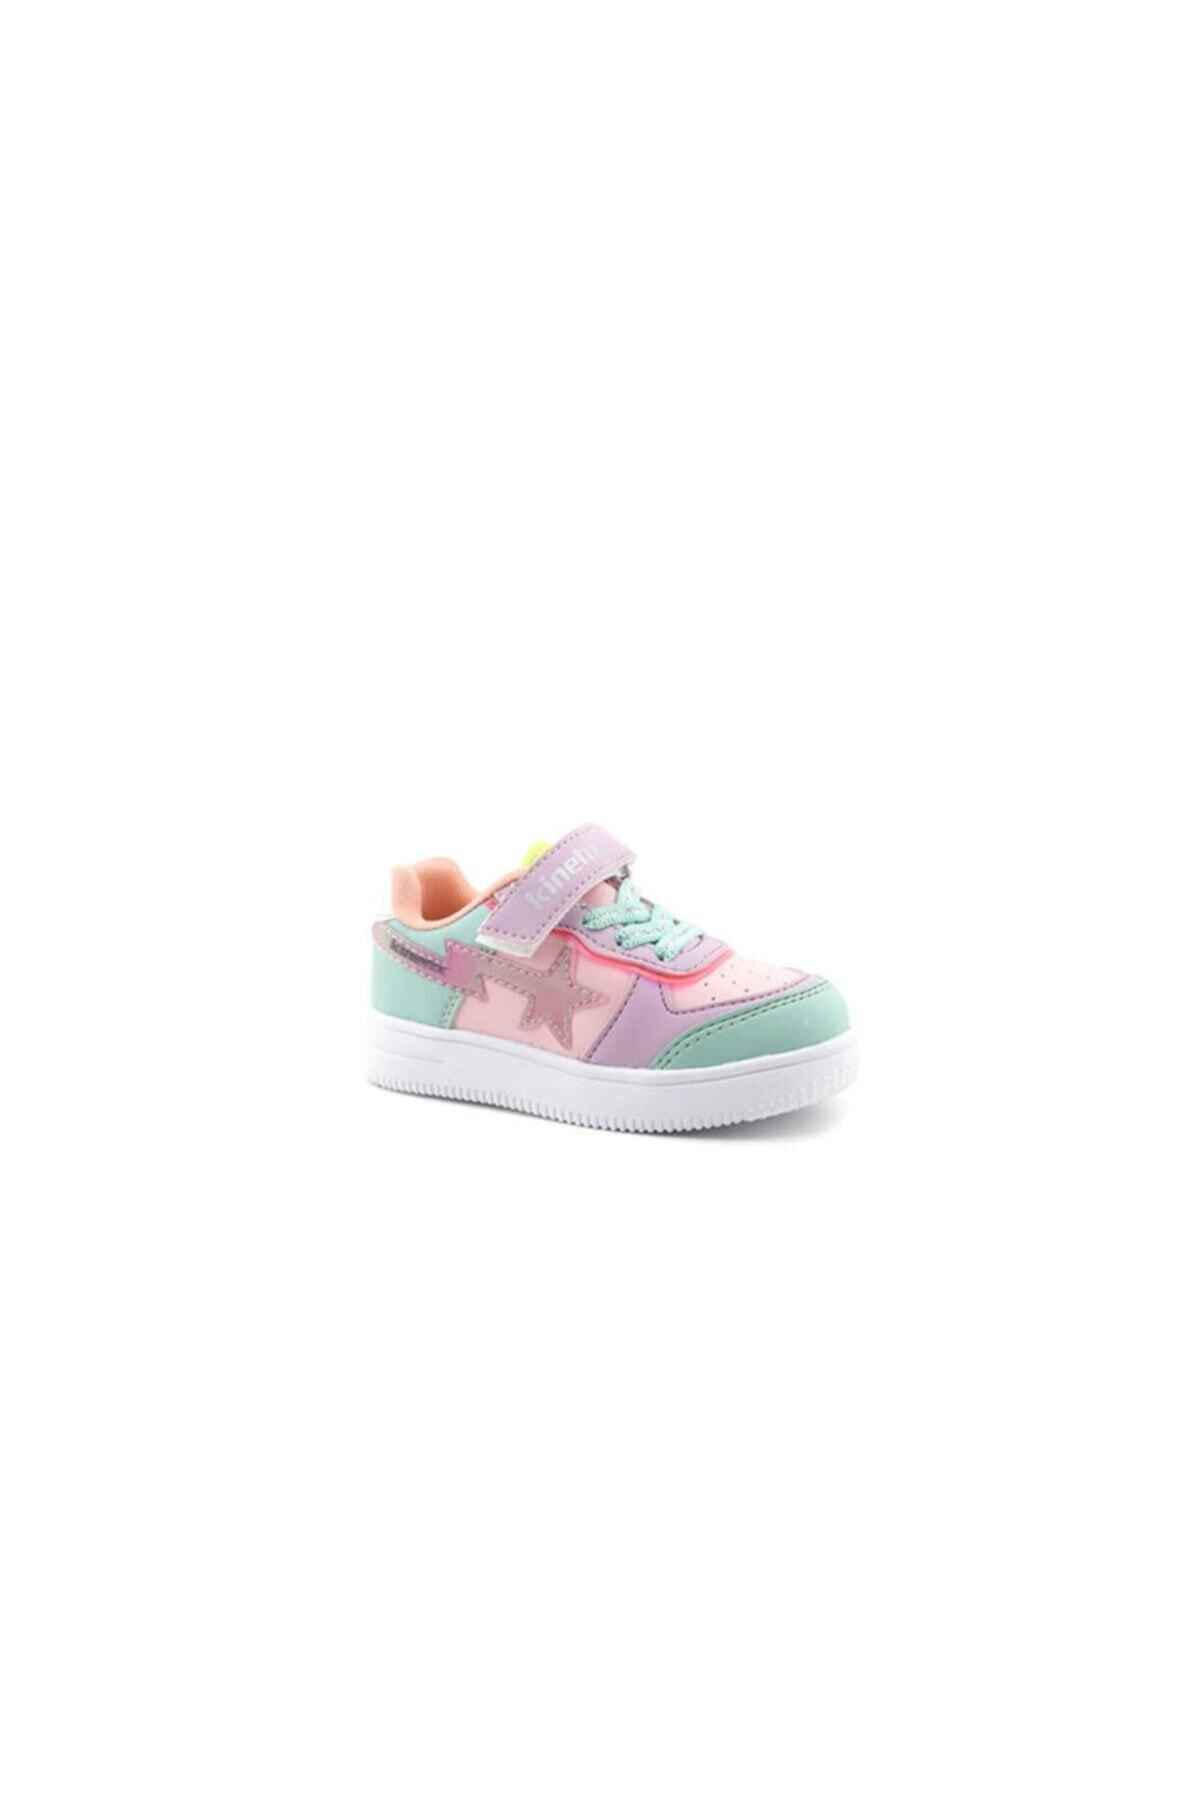 Kinetix KALEN II GIRL Mint Kız Çocuk Sneaker Ayakkabı 100538289 2